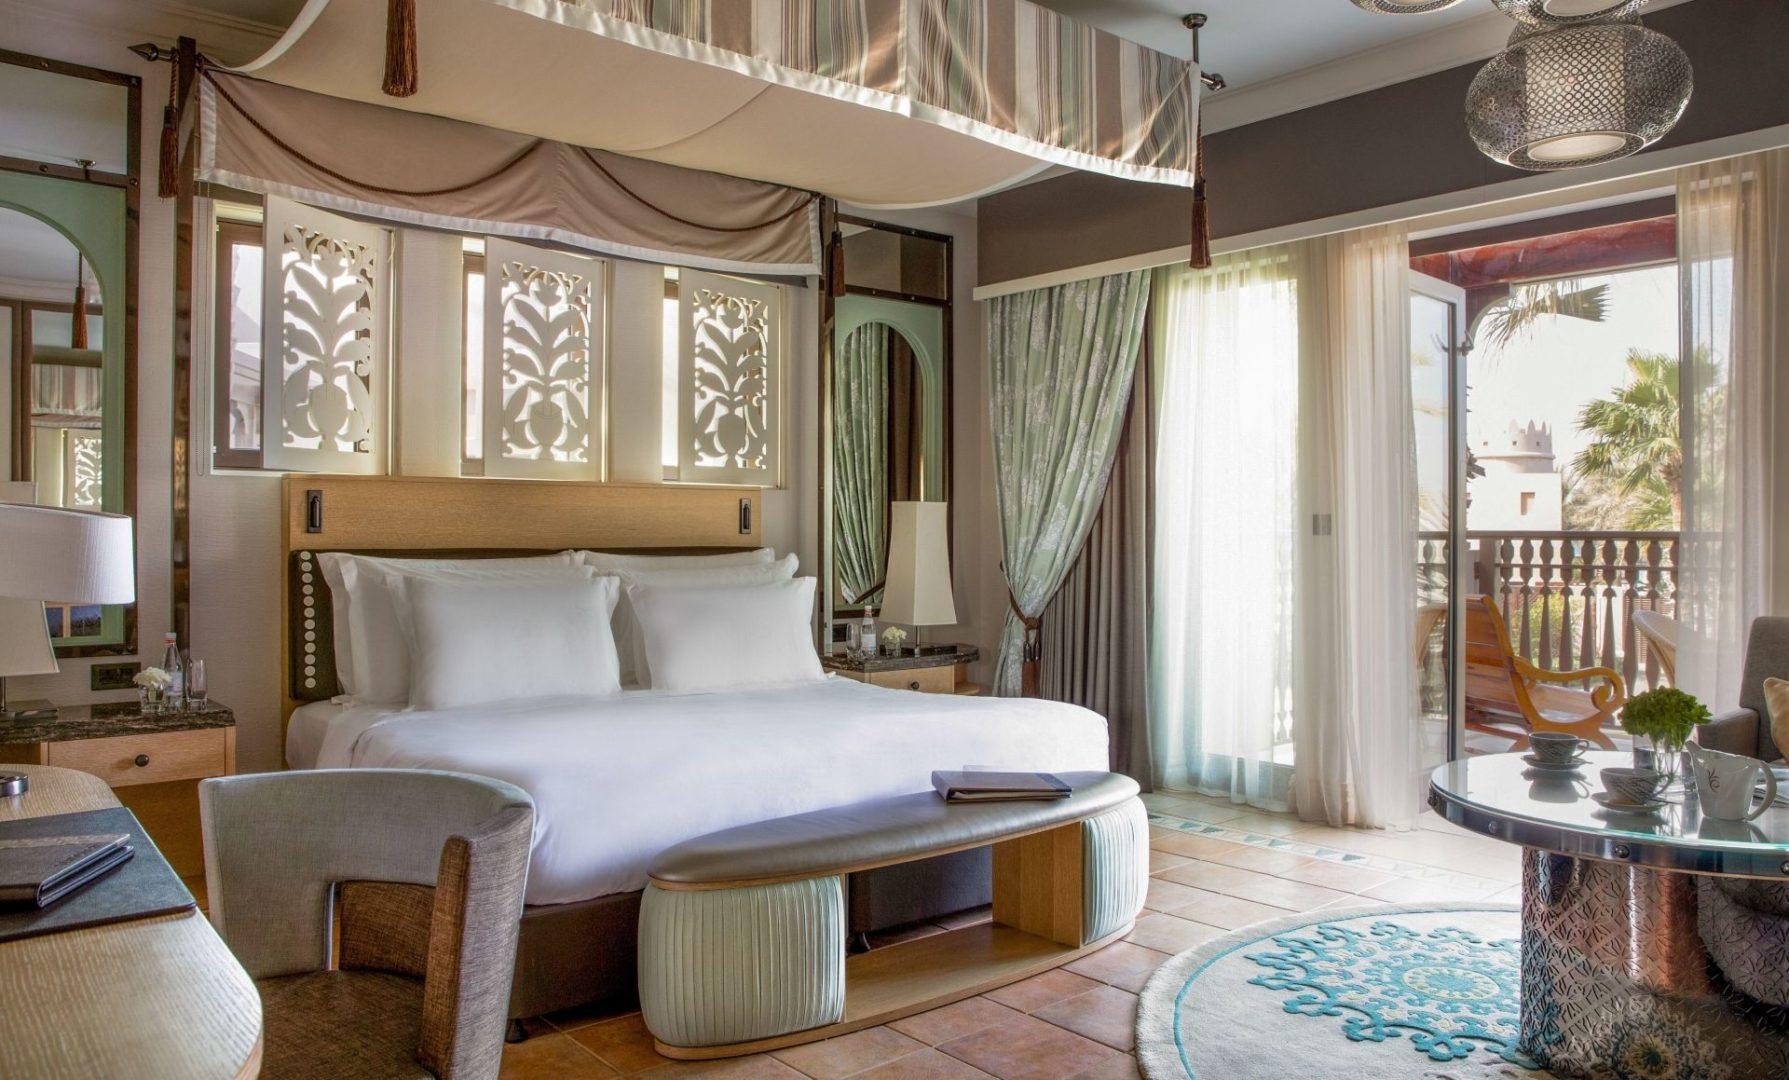 Gulf Summerhouse Arabian Deluxe Bedroom